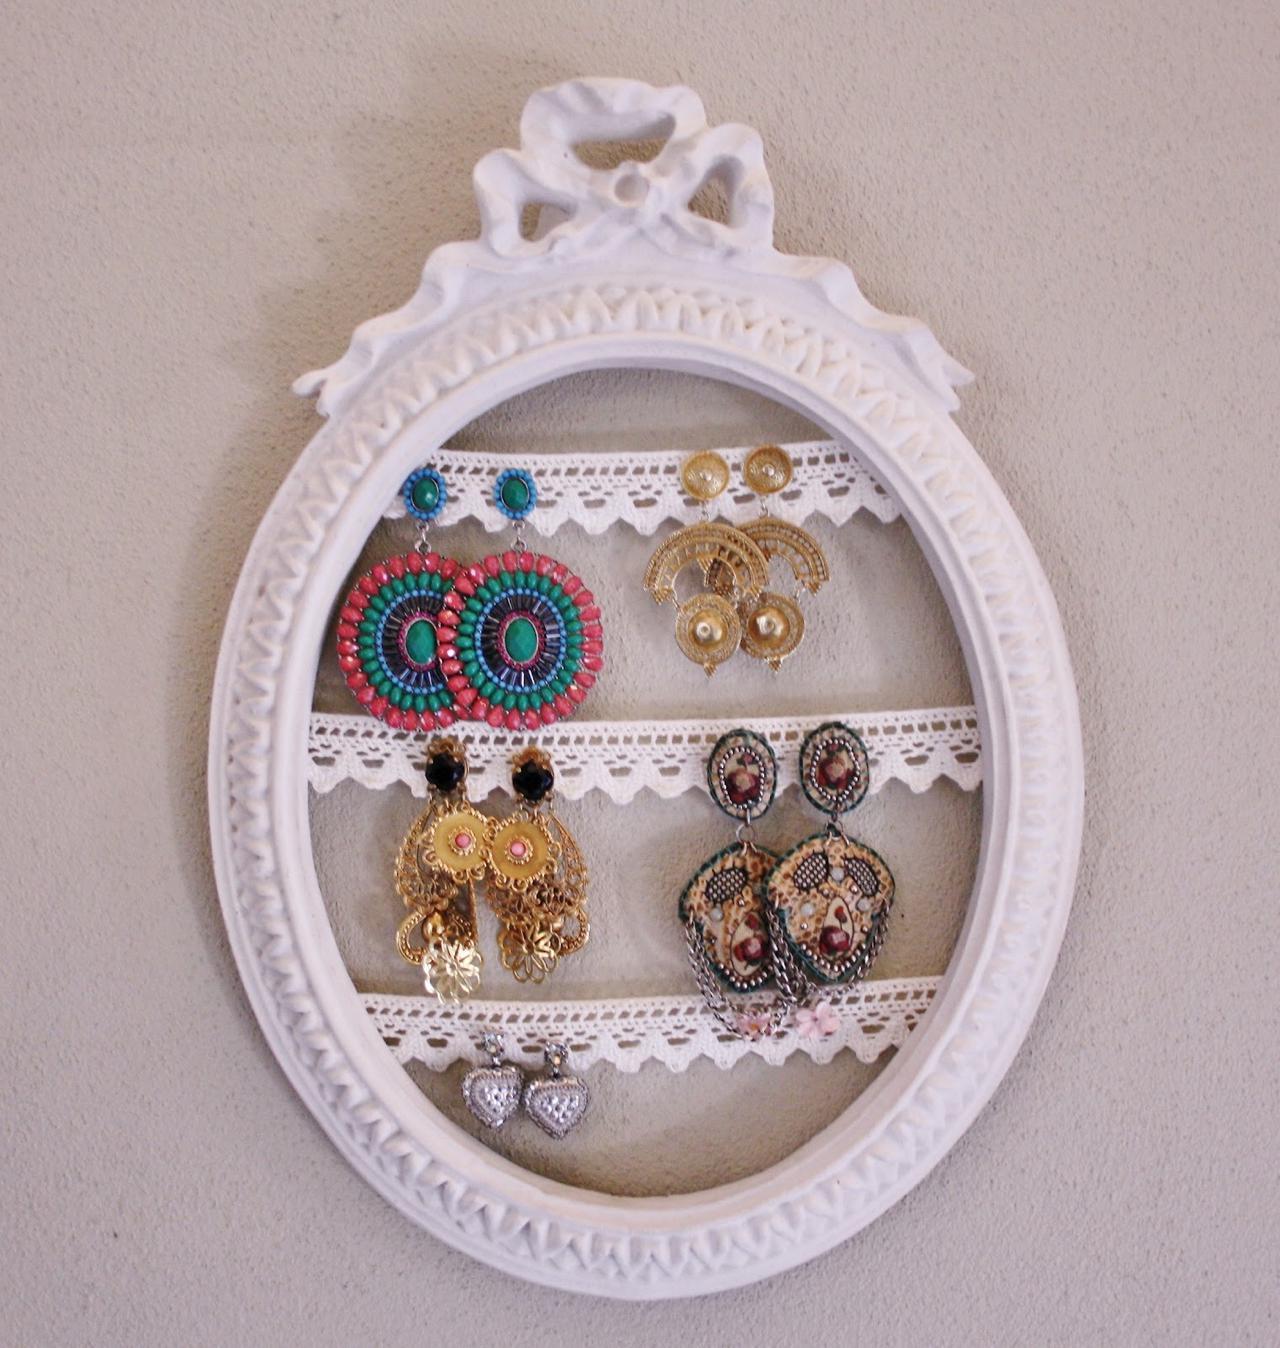 Idee Per Porta Orecchini candylostile: sei amante degli orecchini? magari artigianali?